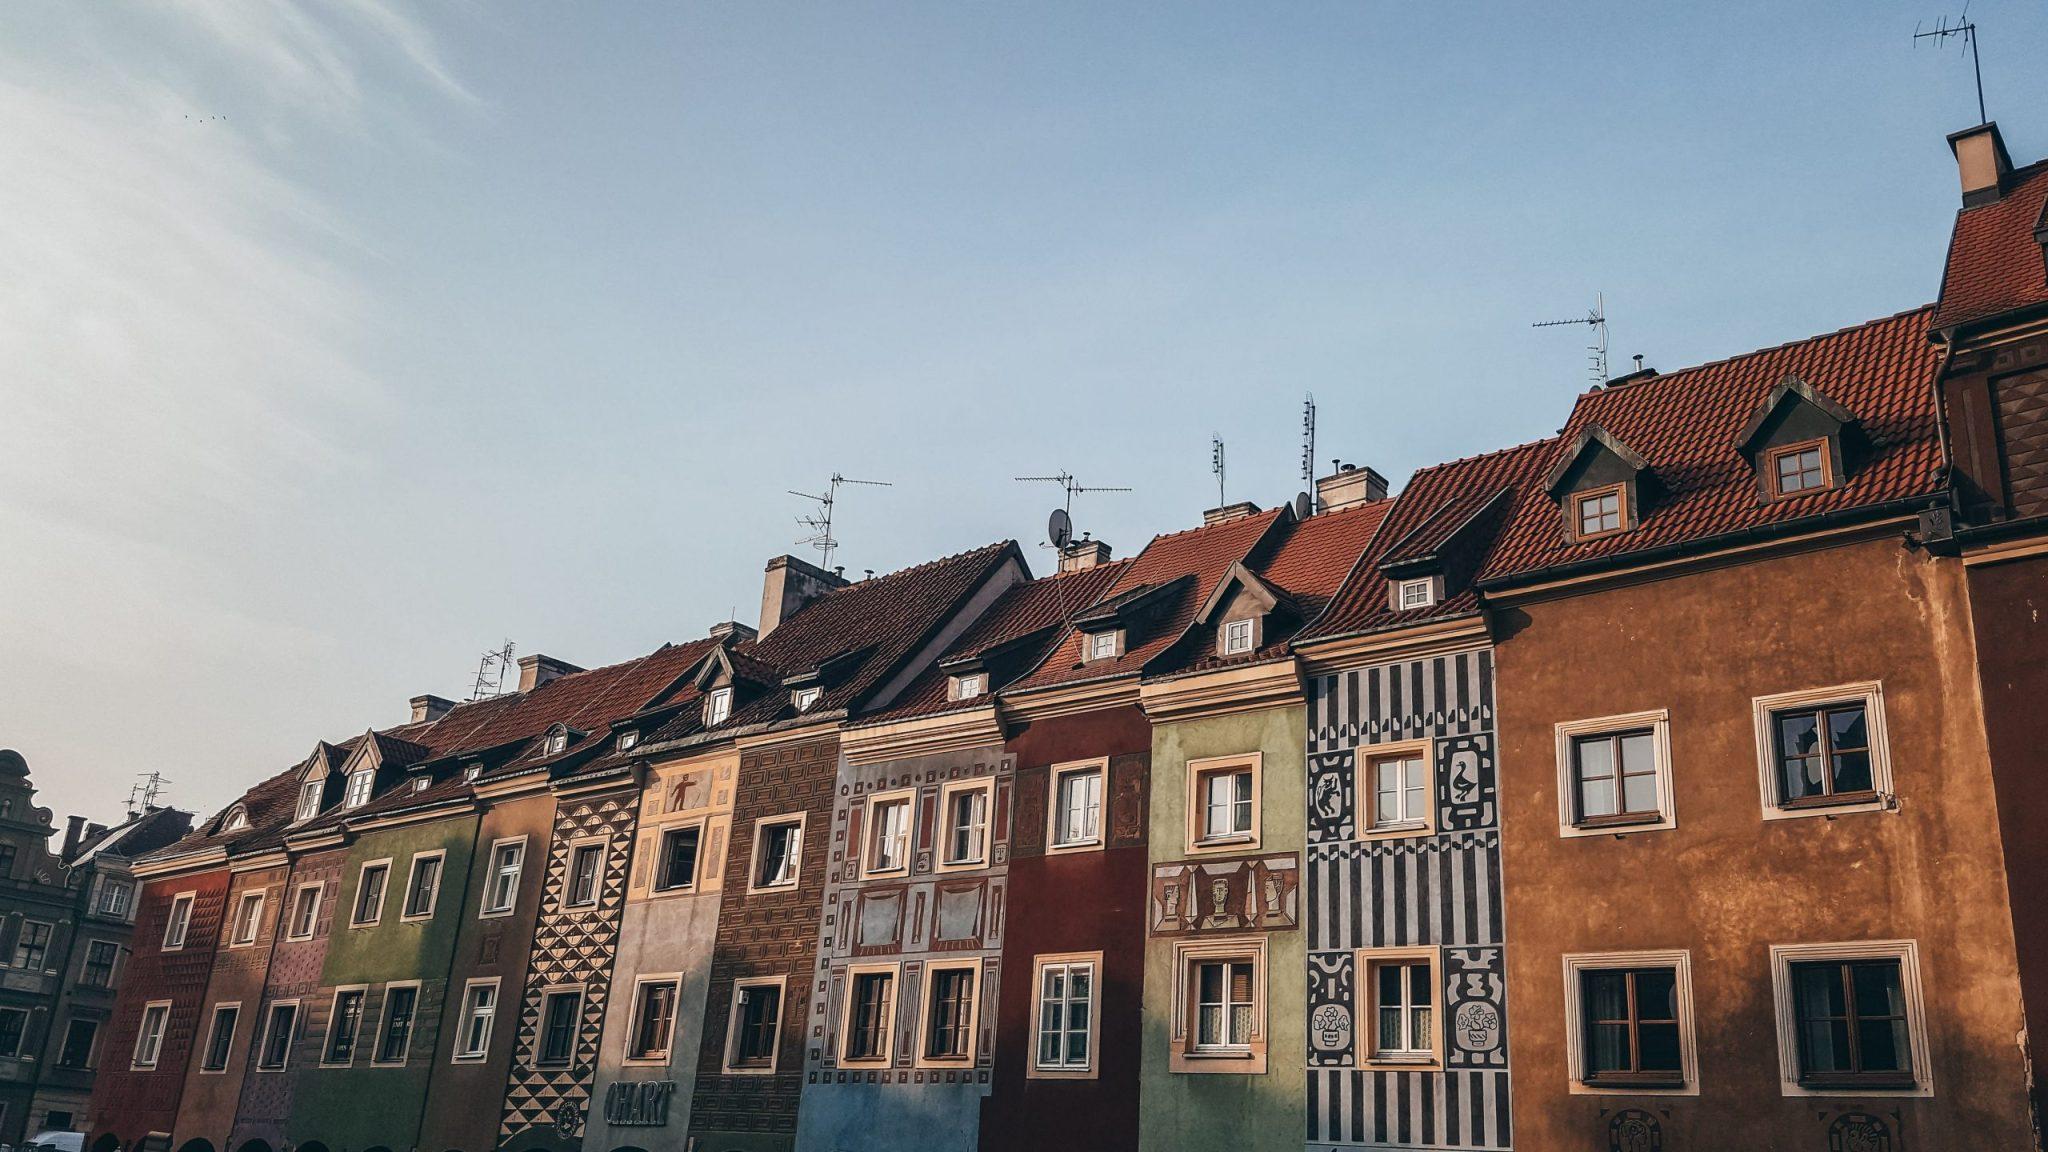 conjunto de casitas de colores de la plaza del mercado de Poznan en Polonia